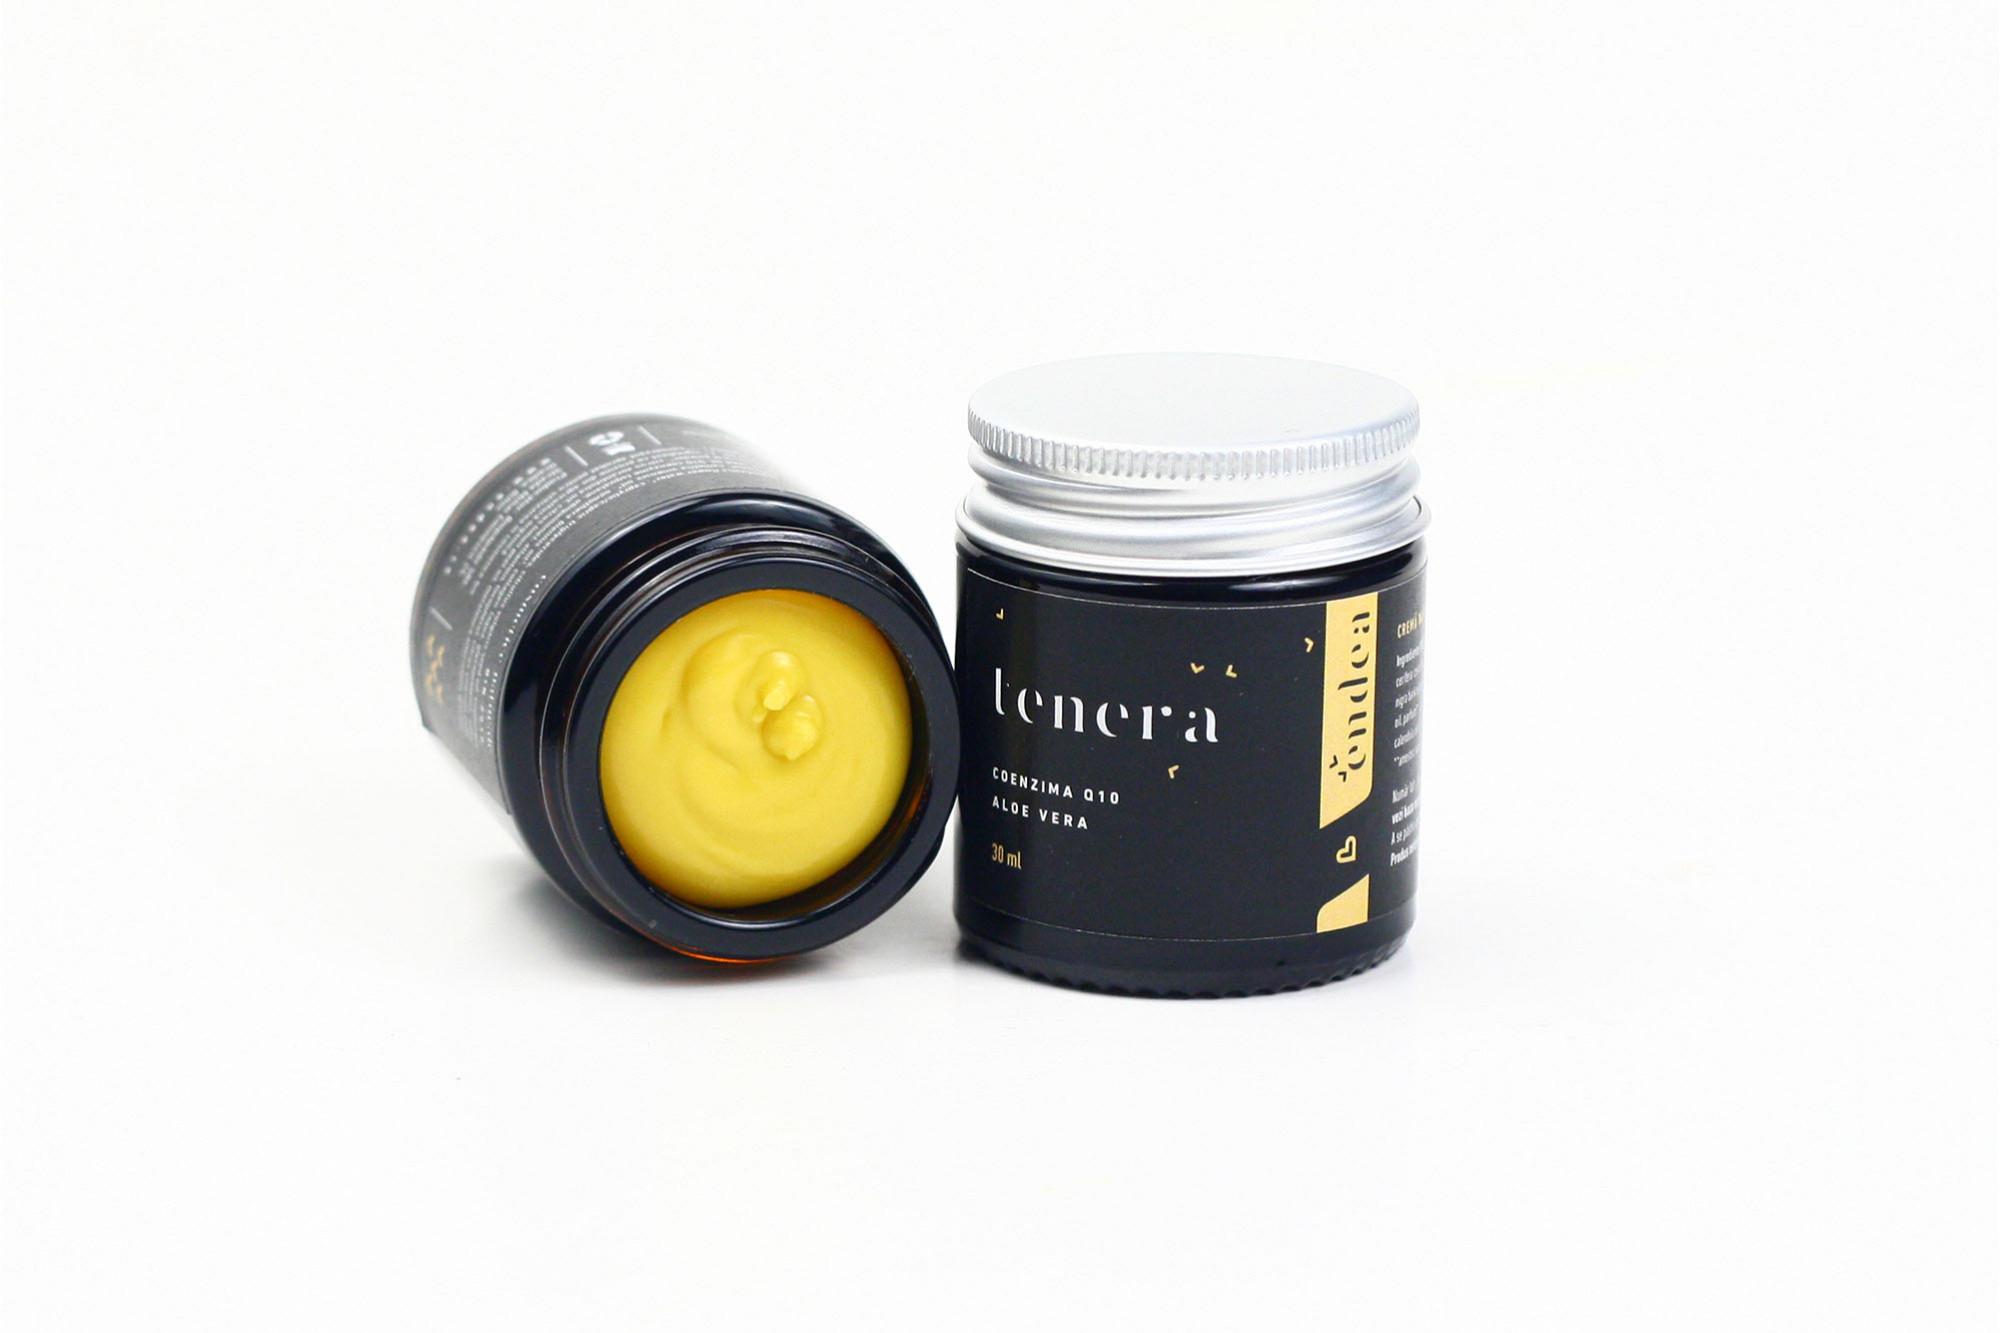 Cremă naturală de mâini cu aloe vera și coenzima Q10 - Tenera | Endea - Tested on friends